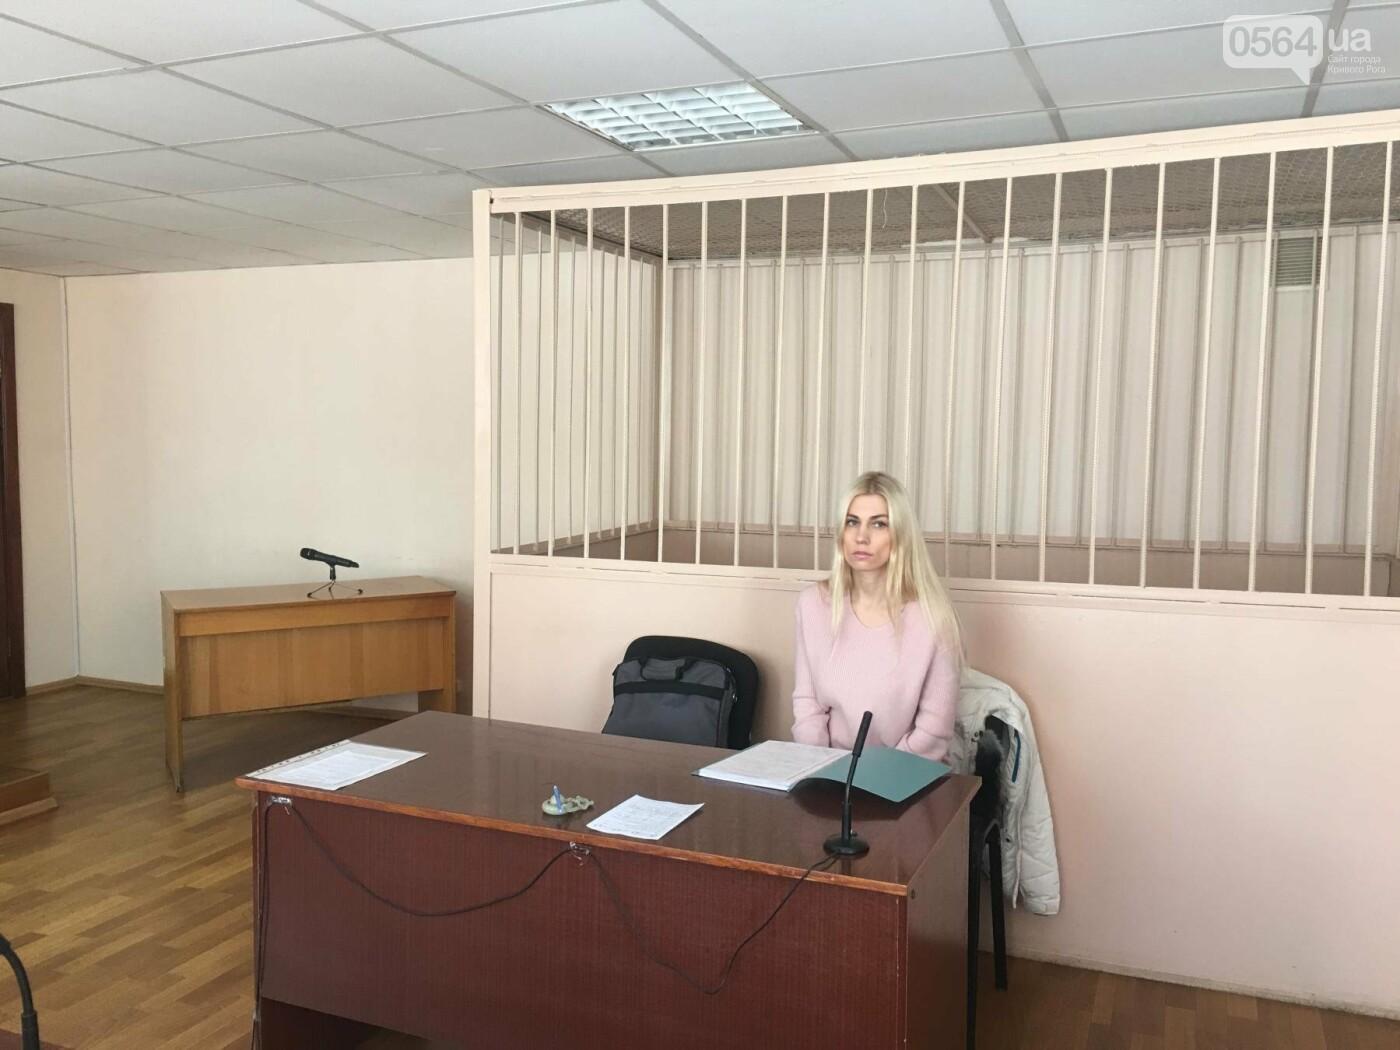 Активисты заявили о травле мамы и ее ребенка в криворожской школе (ФОТО), фото-8